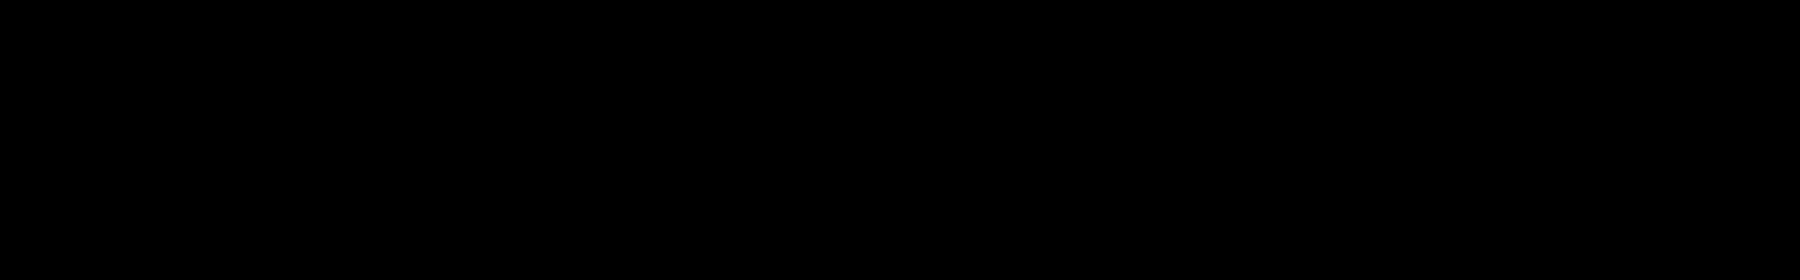 SOUL VIBEZ audio waveform